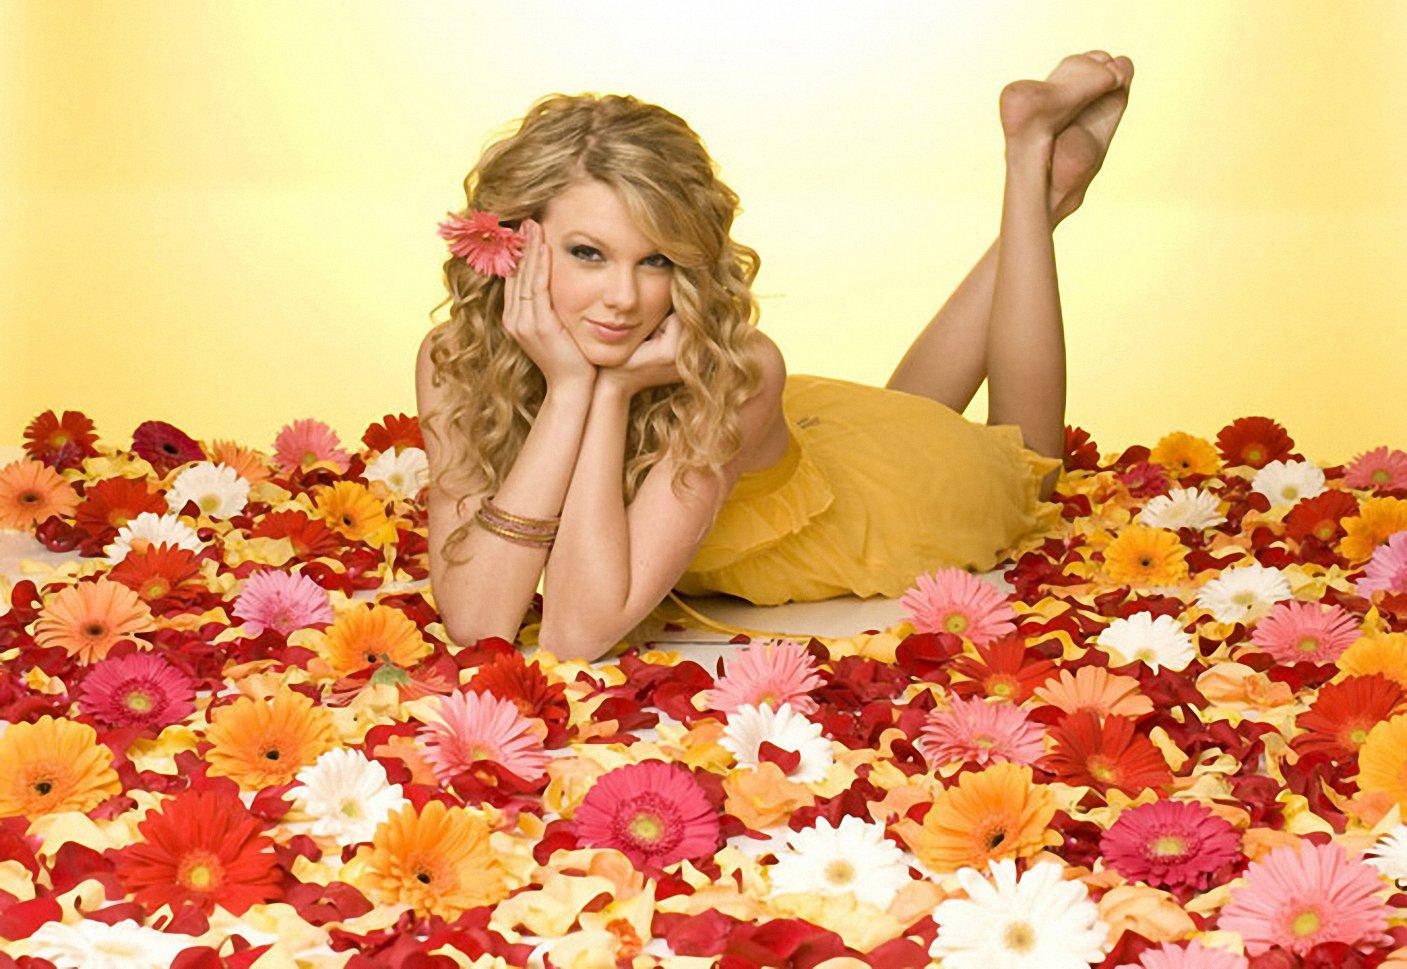 Taylor Swift Feet Education Apps